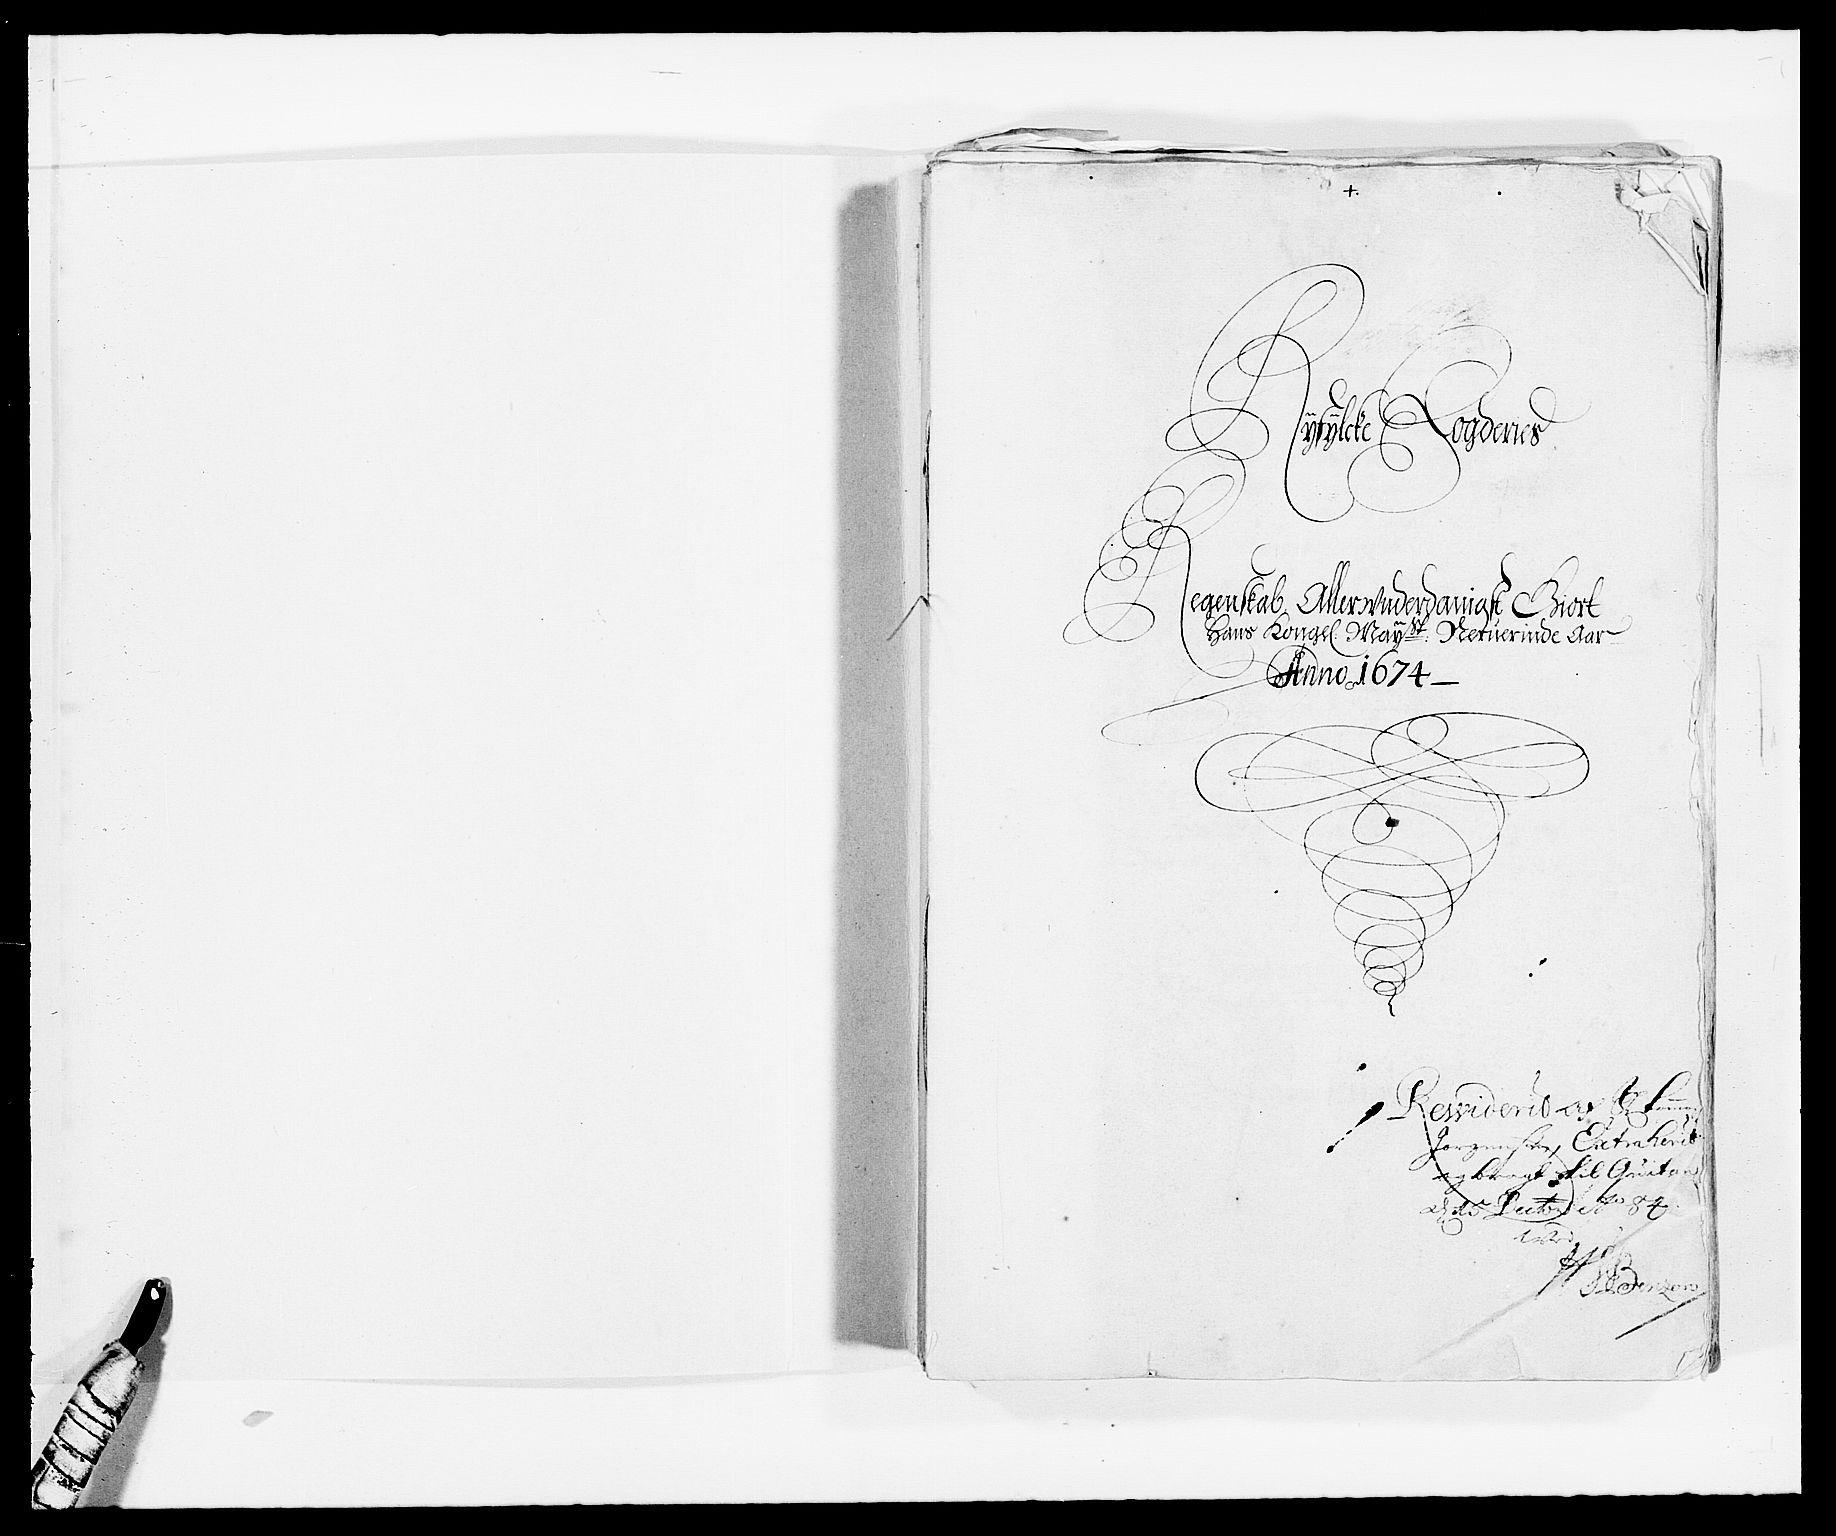 RA, Rentekammeret inntil 1814, Reviderte regnskaper, Fogderegnskap, R47/L2845: Fogderegnskap Ryfylke, 1674-1675, s. 2